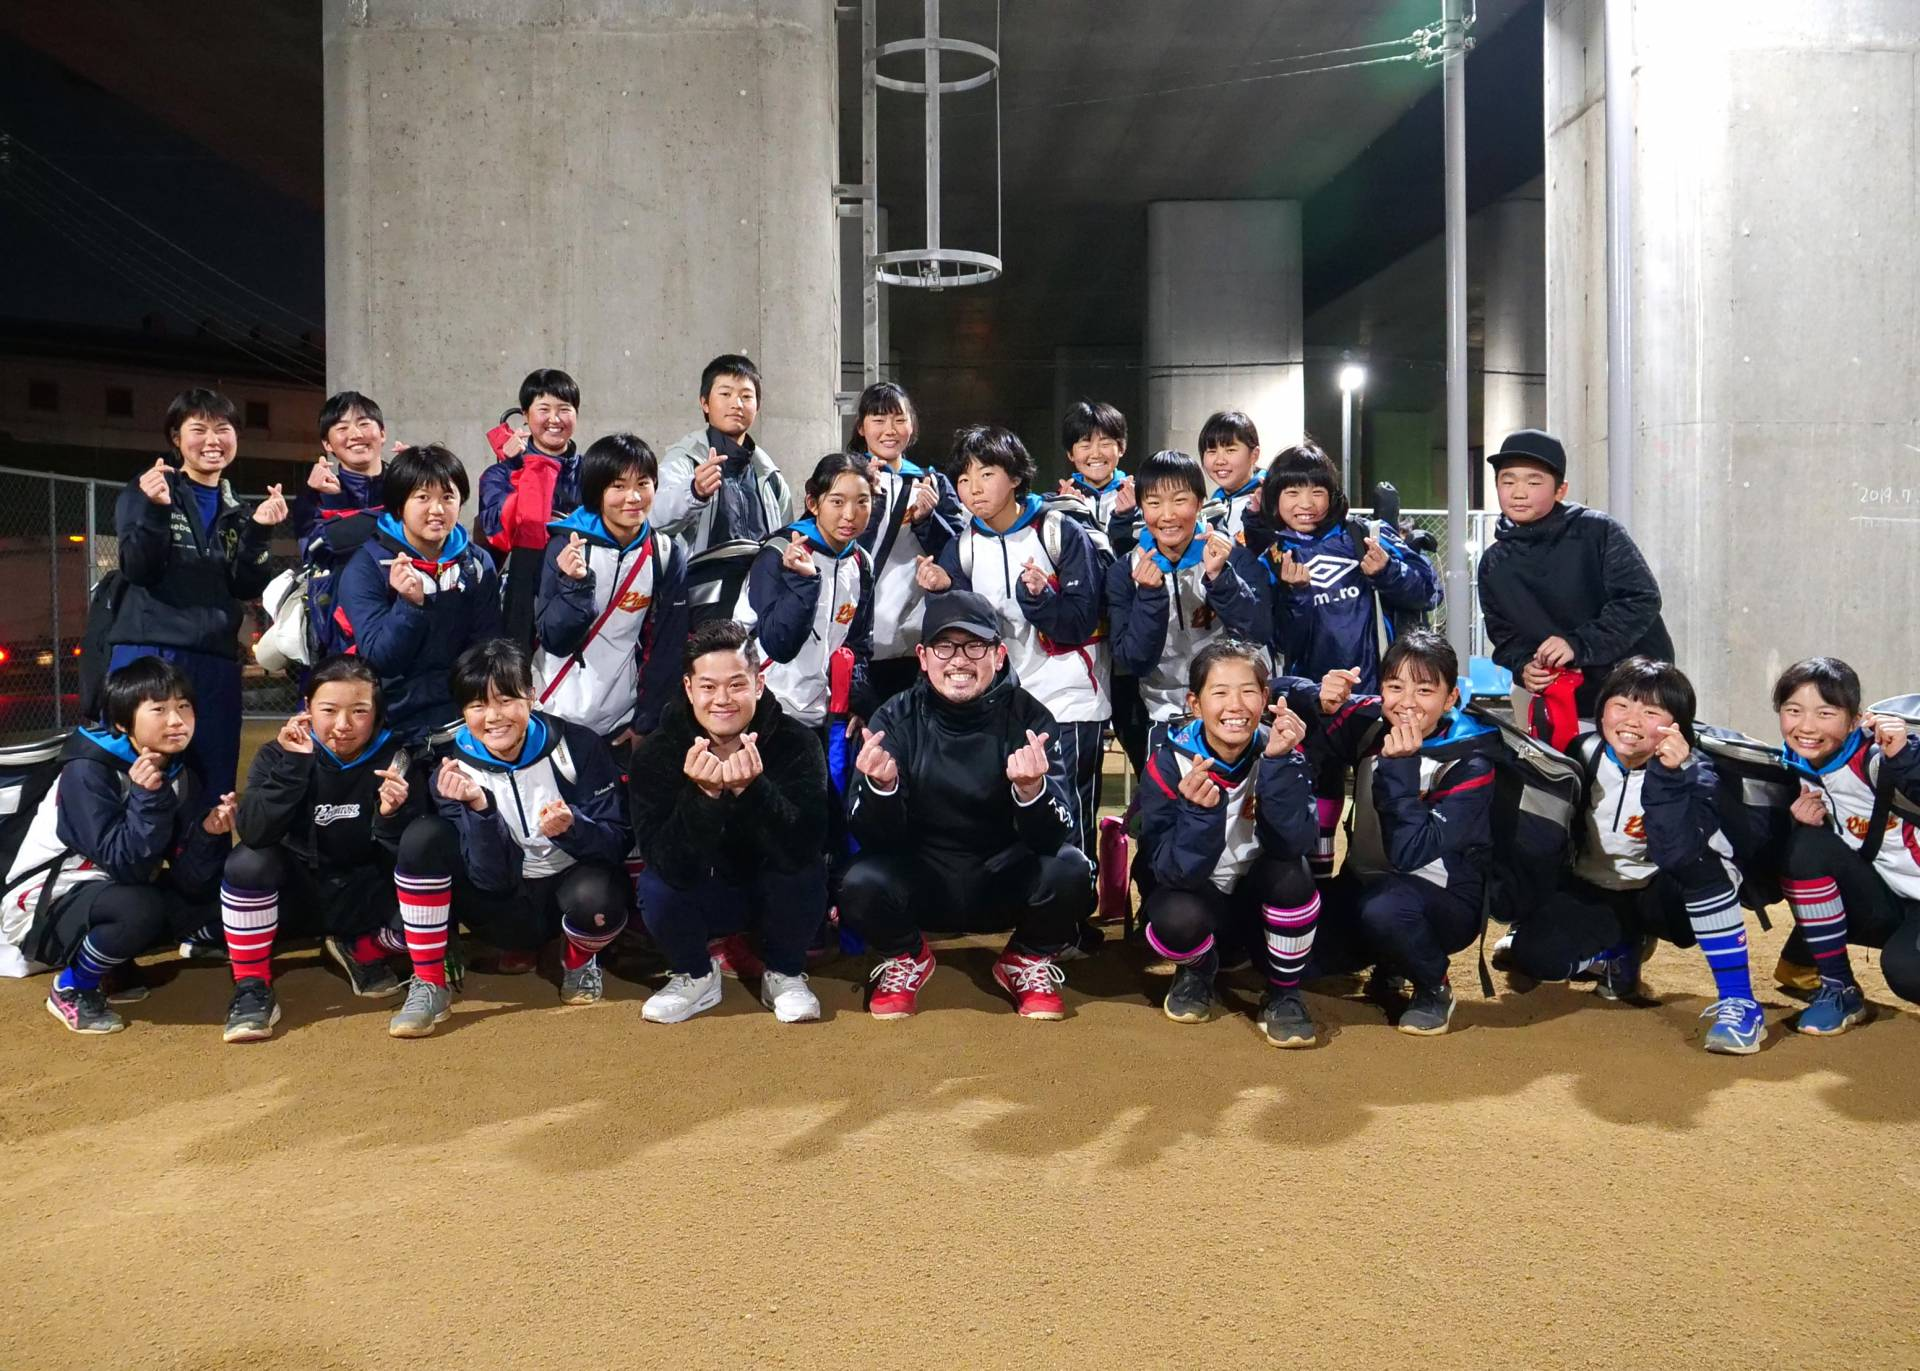 全国3位!日本一目指す中学生女子ソフトボールチーム【Primrose】の練習に参加!実力派チームの練習内容、一挙大公開!!